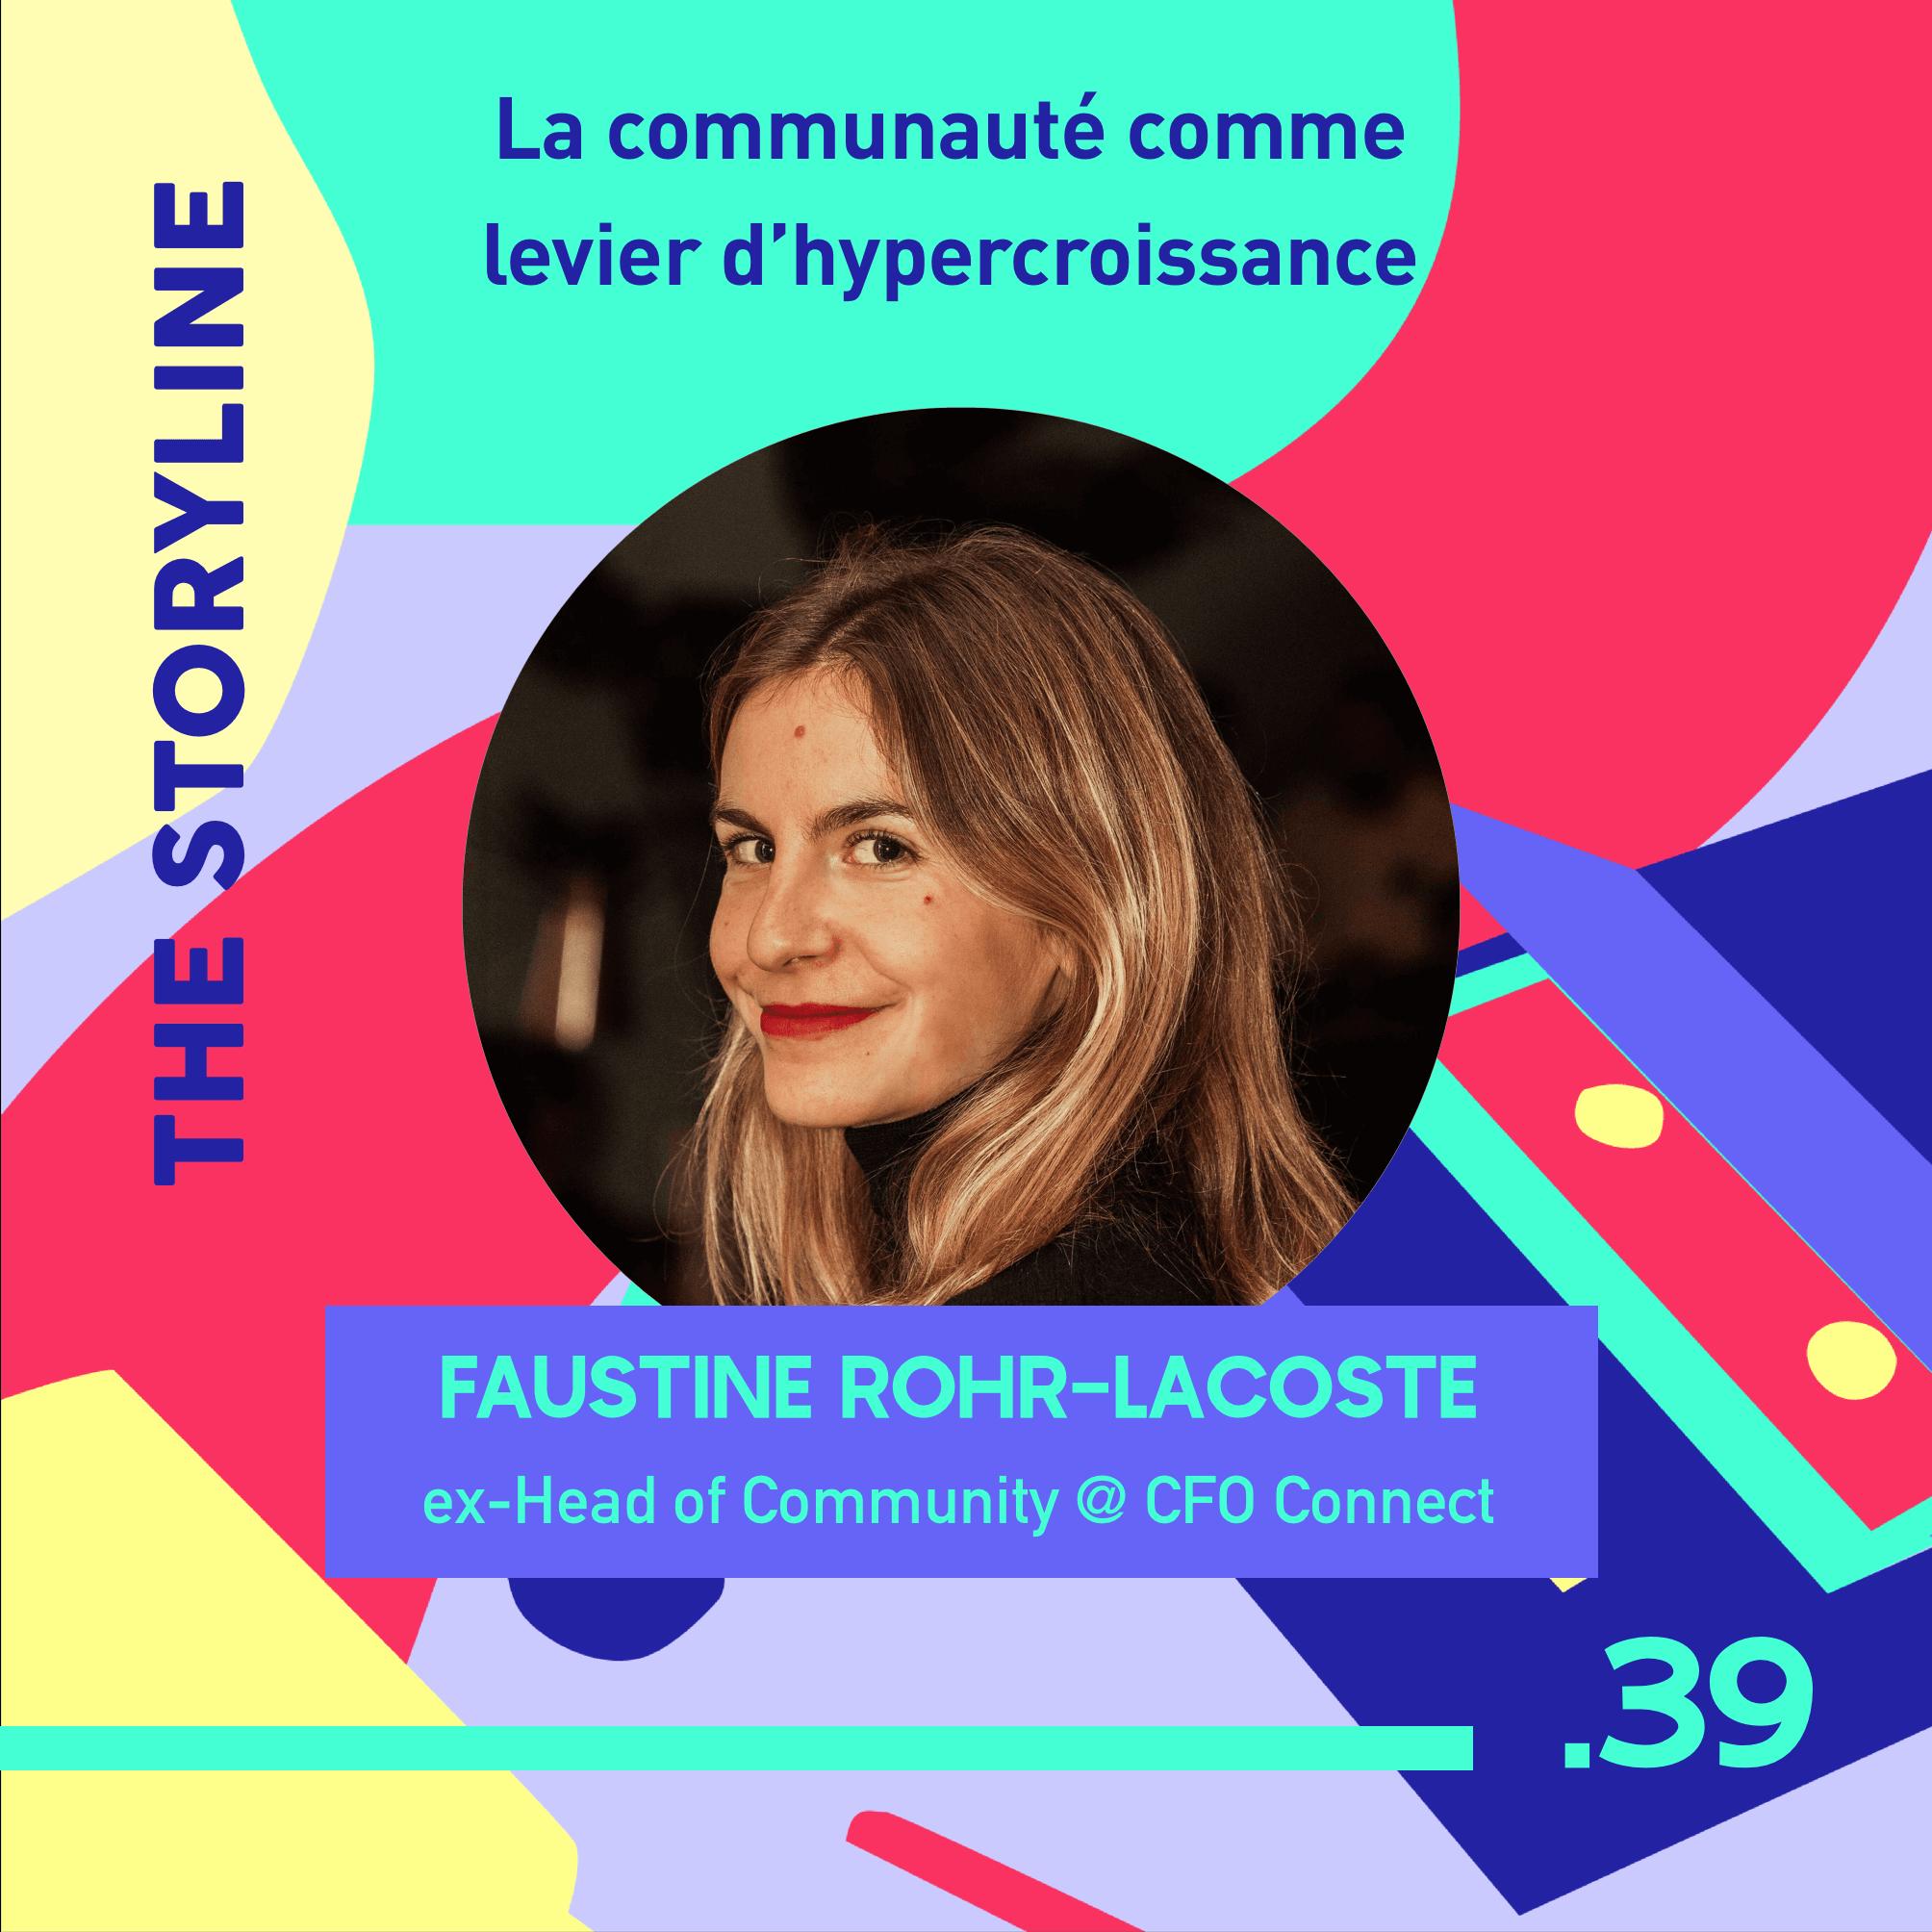 #39 - La communauté comme levier d'hypercroissance, avec Faustine de CFO Connect